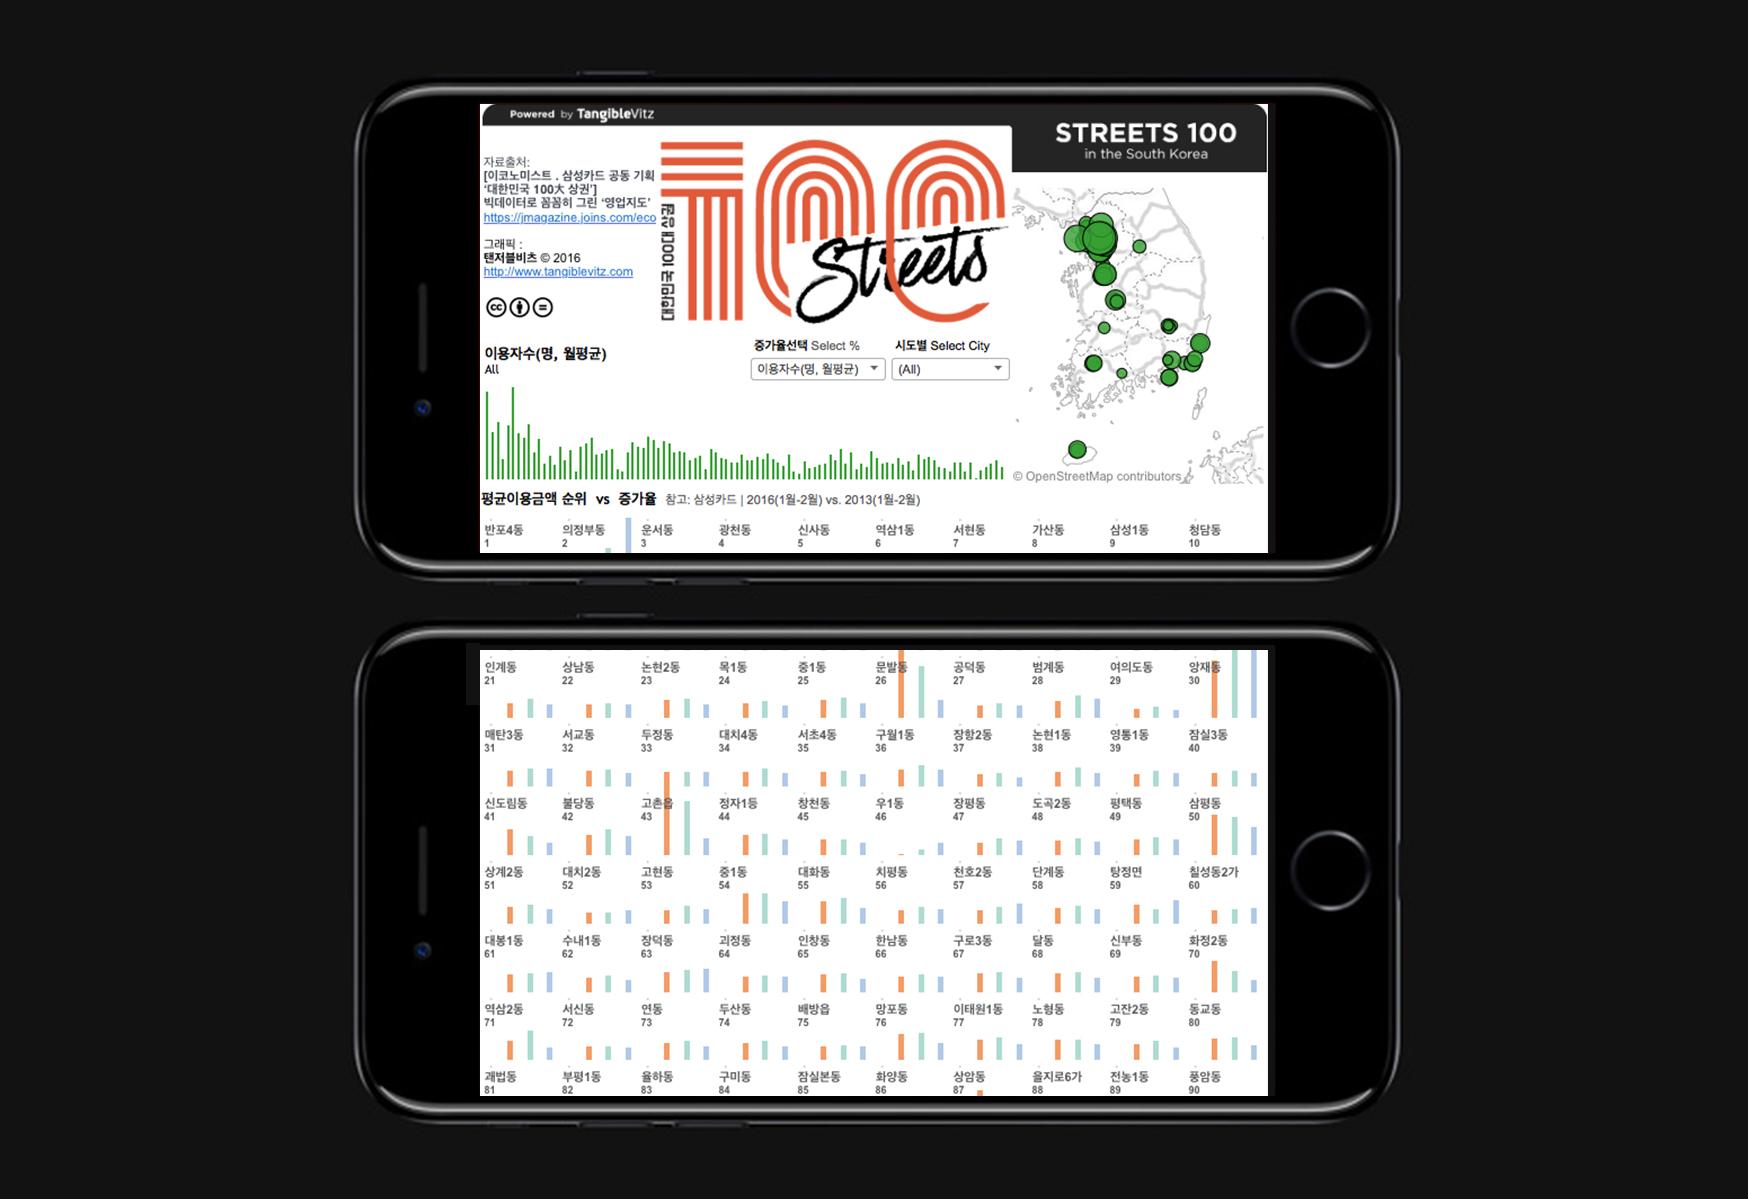 카드사용량 데이터시각화 by 탠저블비츠